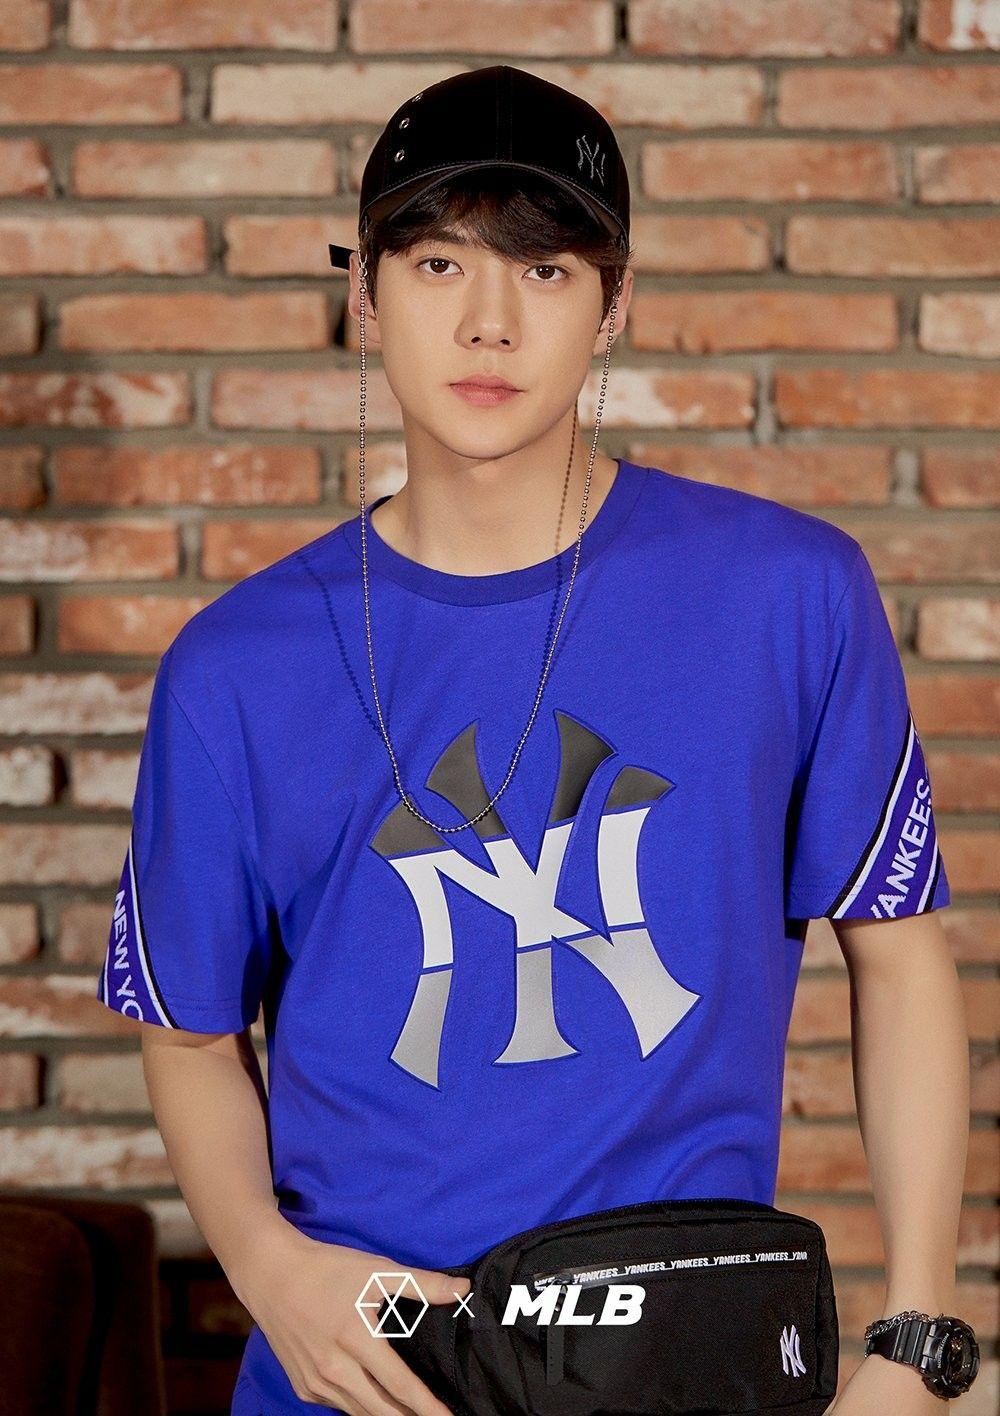 180313 Exo Sehun Mlb Official Website Mlb X Exo Selebritas Sehun Baekhyun